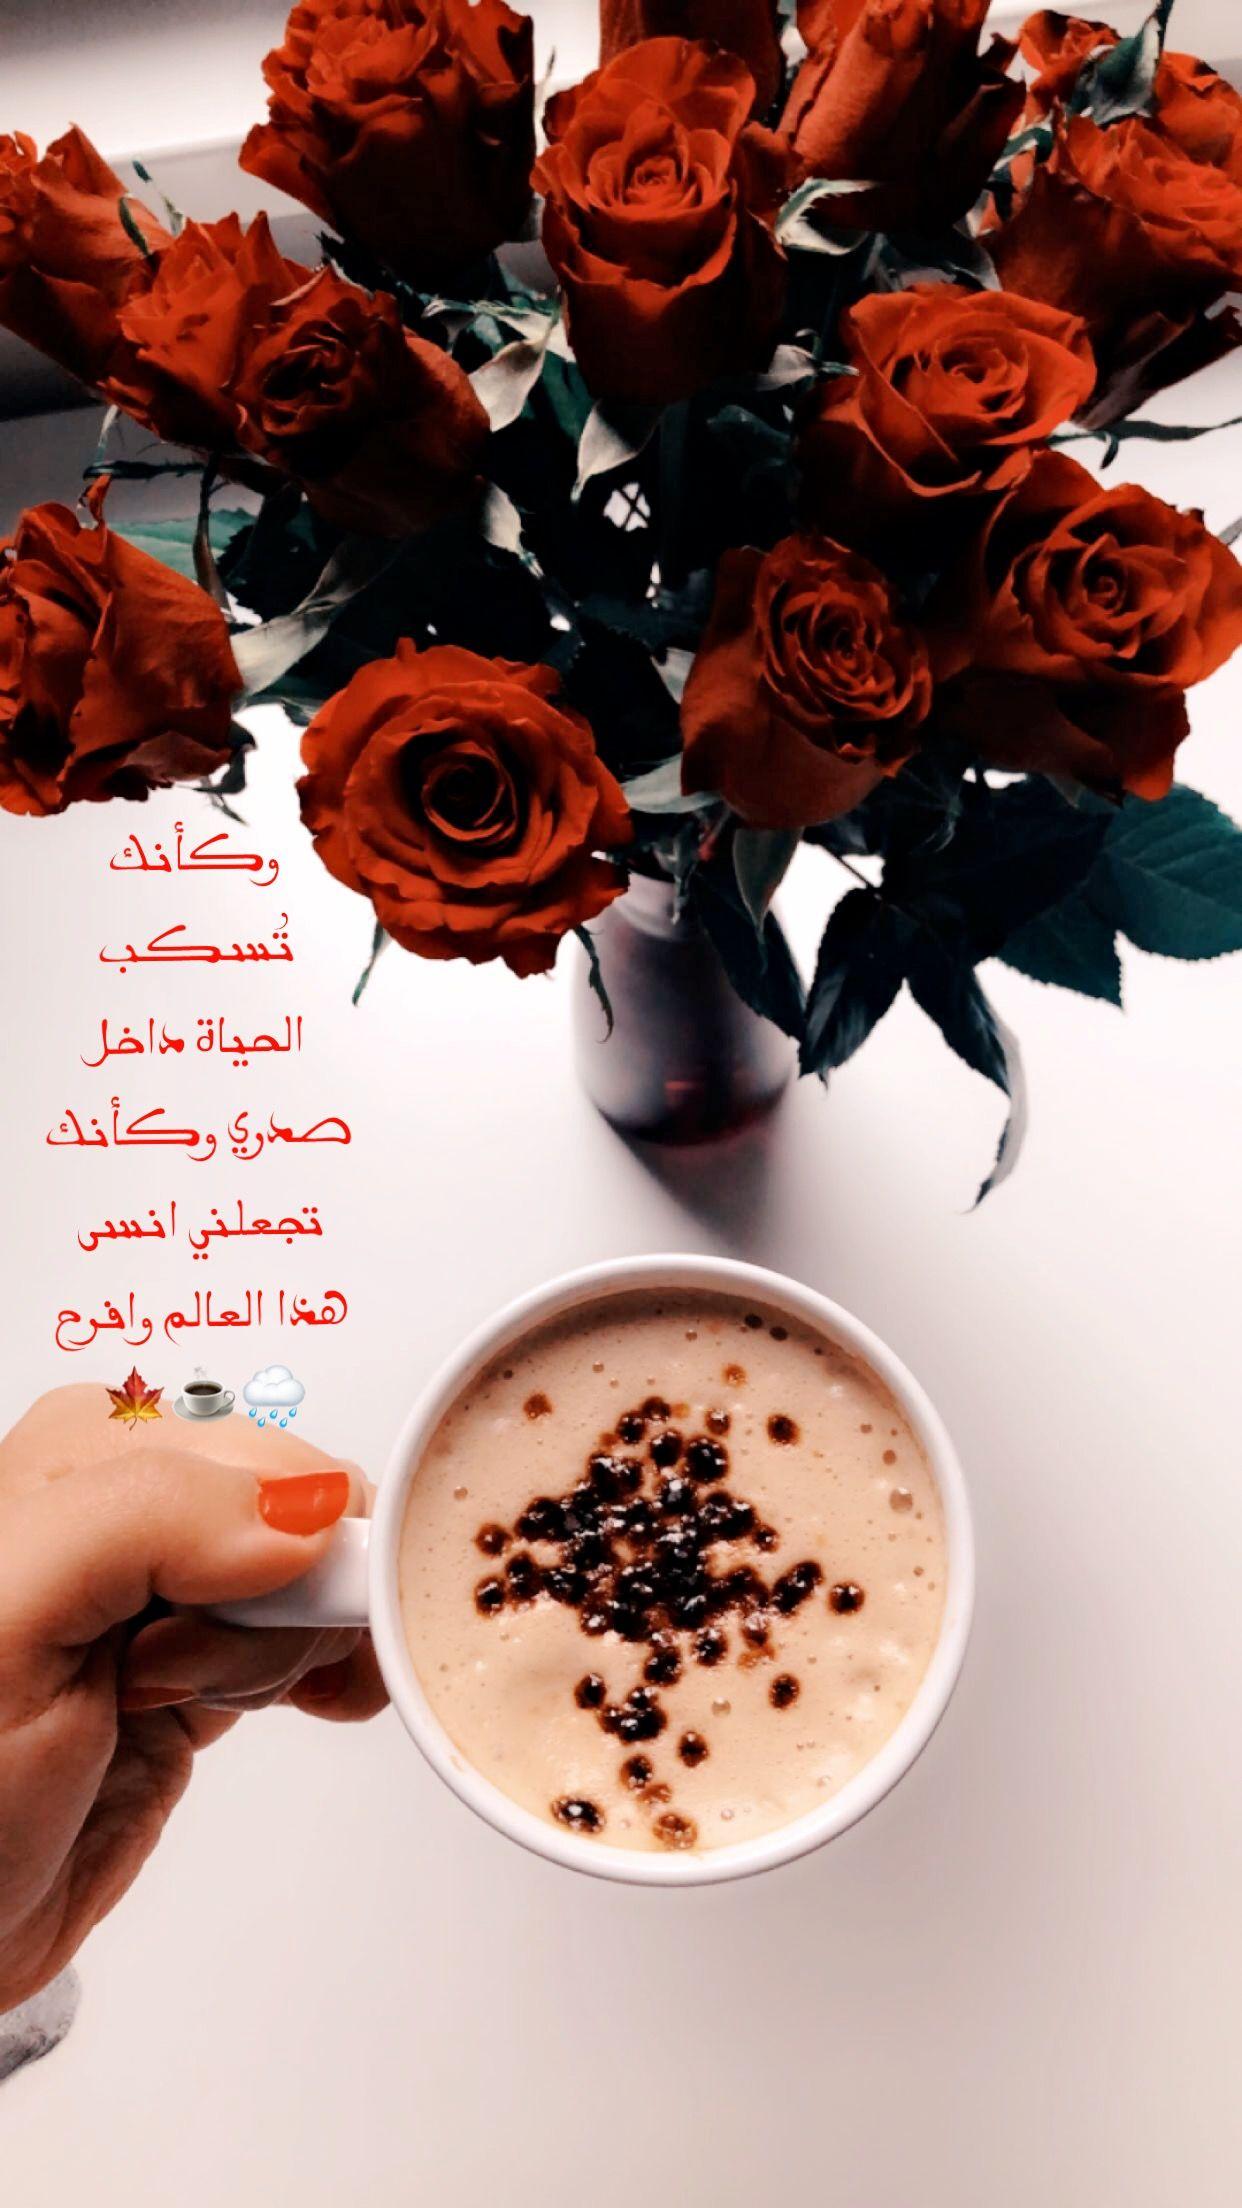 اقتباسات قهوتي ورد كلمات Homedecor سنابات عربي